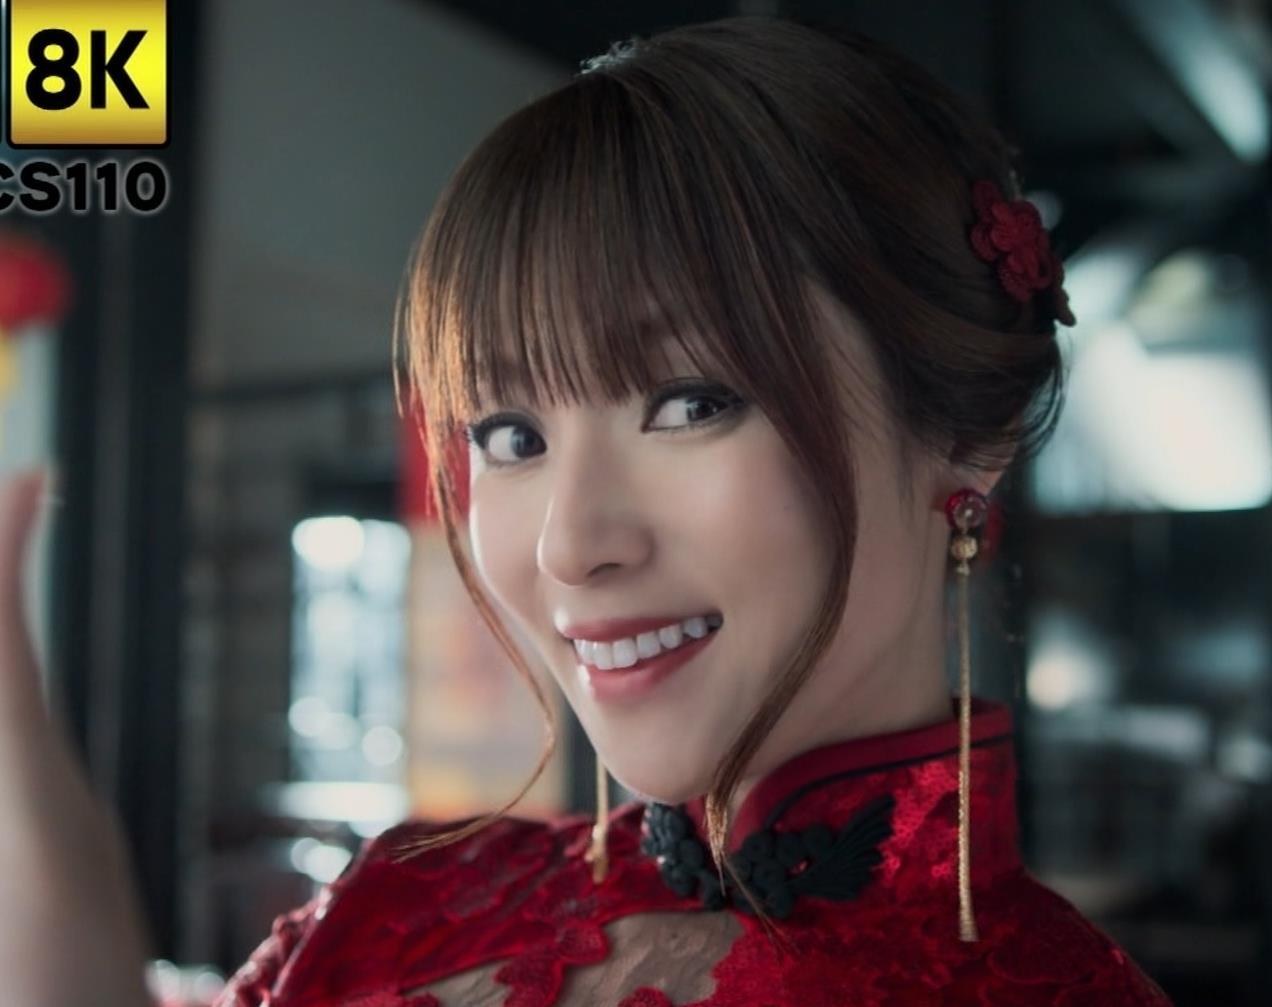 深田恭子 エロ過ぎるチャイナドレス姿のBS4K8KのCMキャプ・エロ画像8